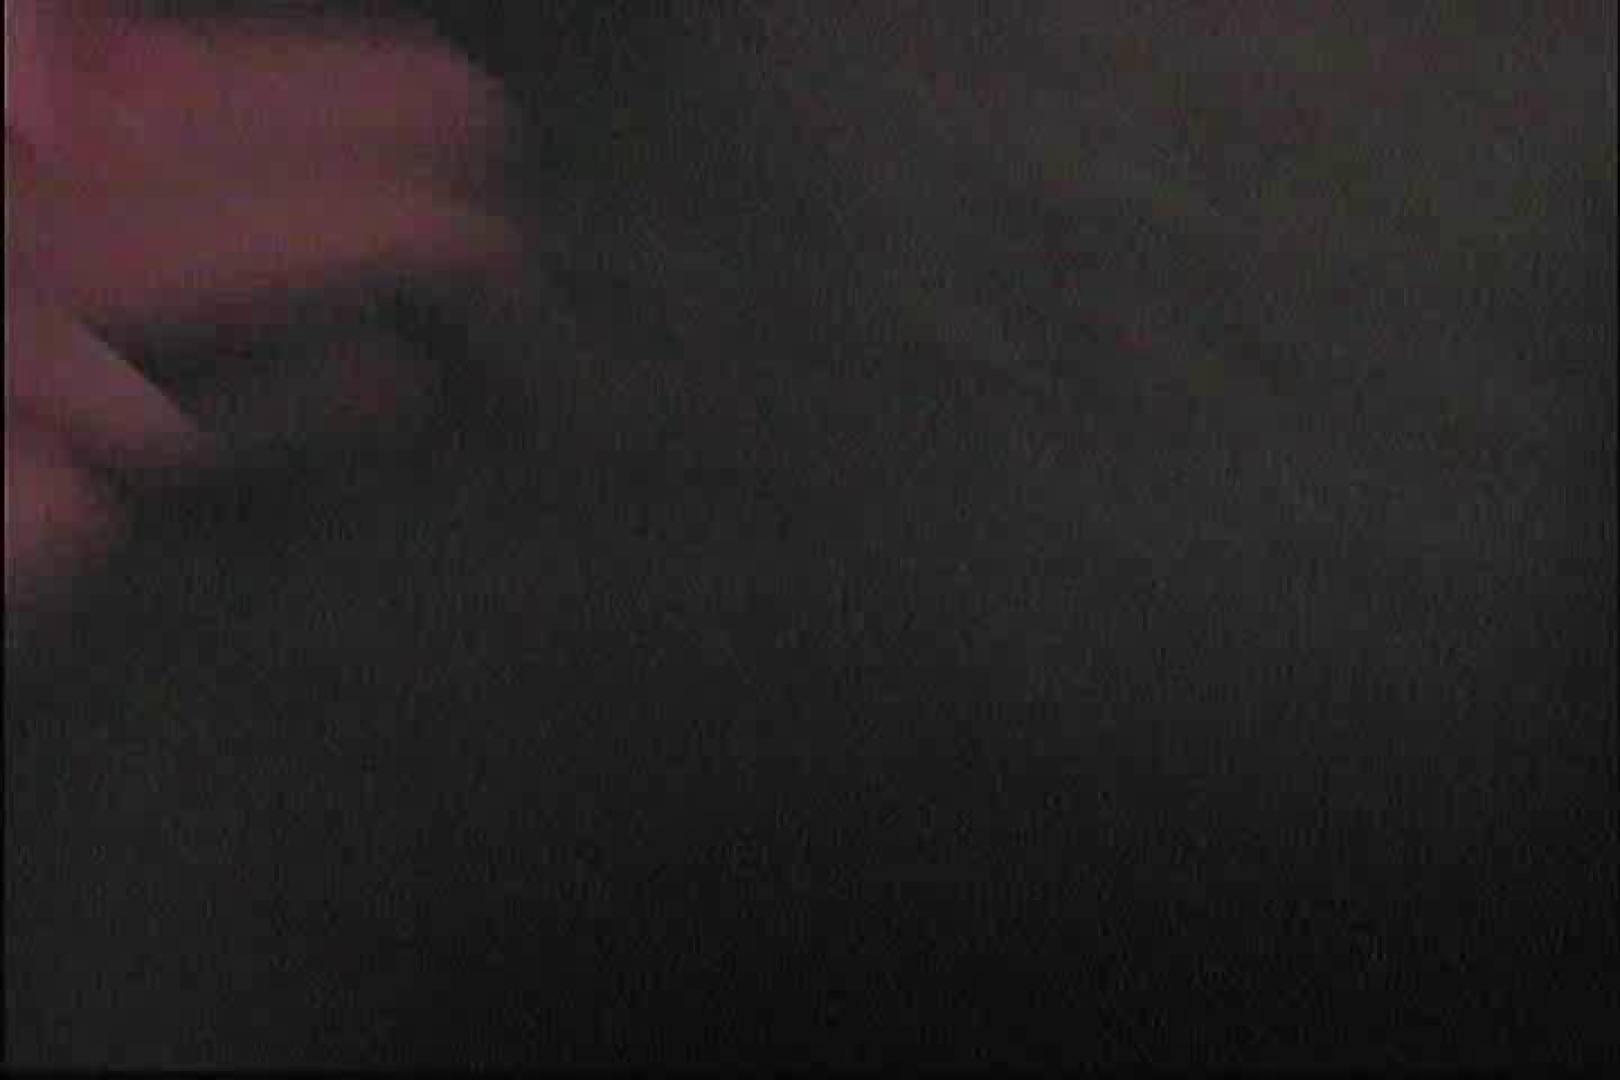 激撮!! 接写天井裏の刺客Vol.6 エロティックなOL  58画像 36